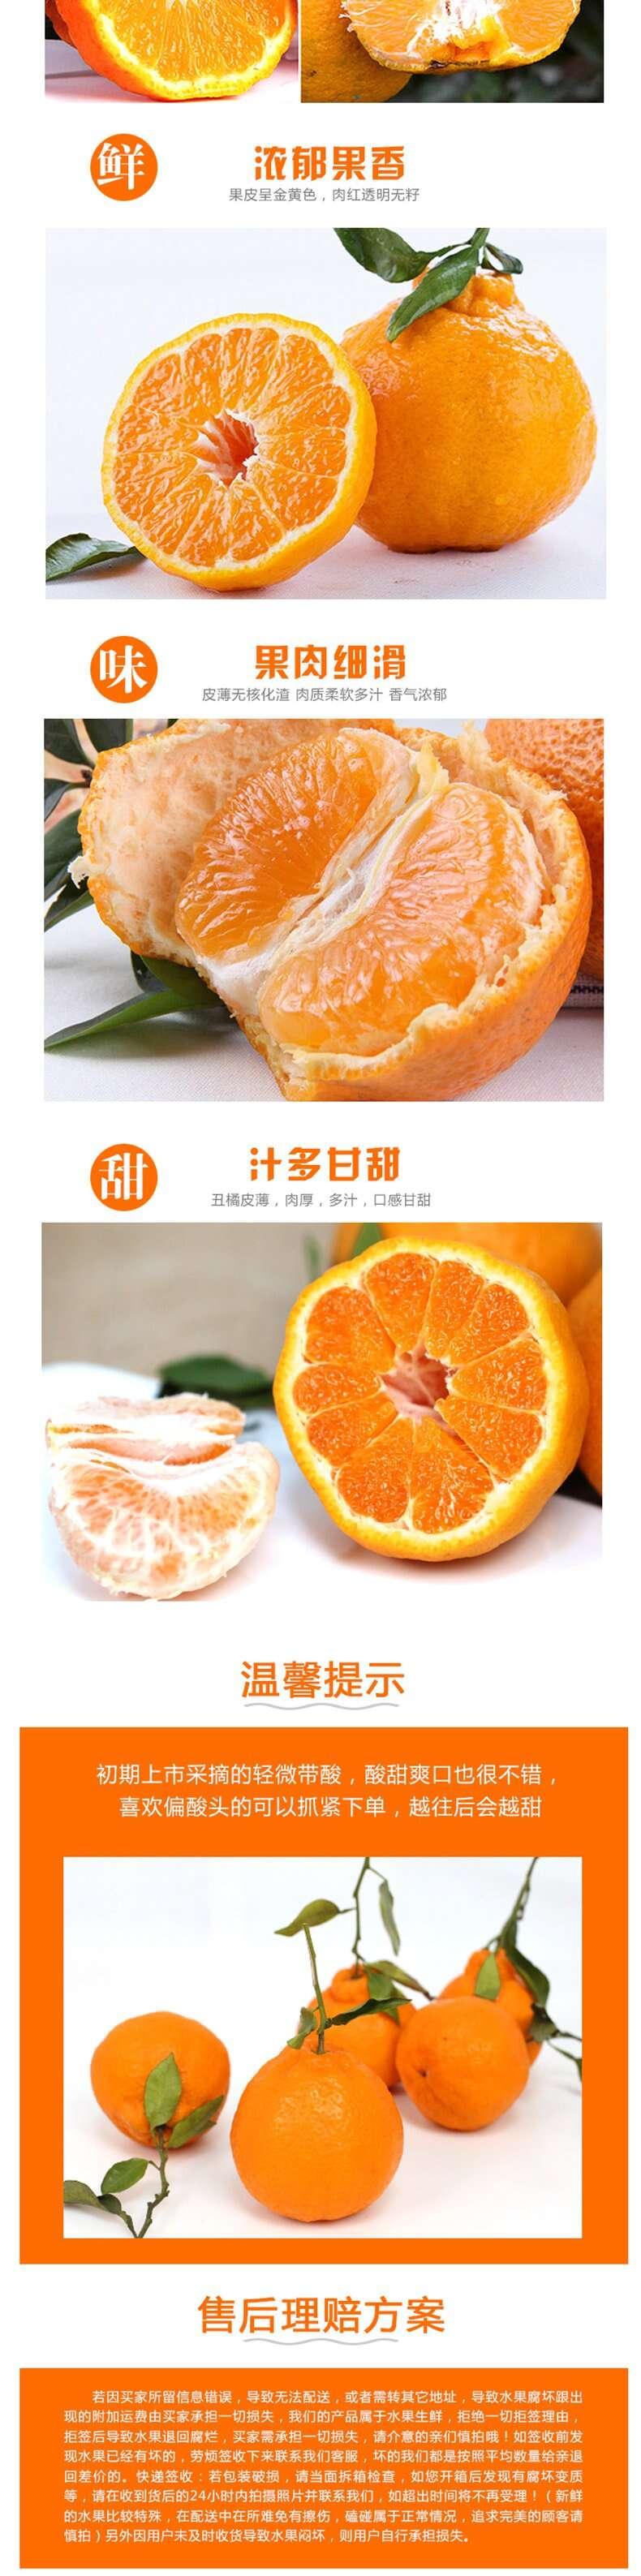 丑橘_副本_2_1.JPG